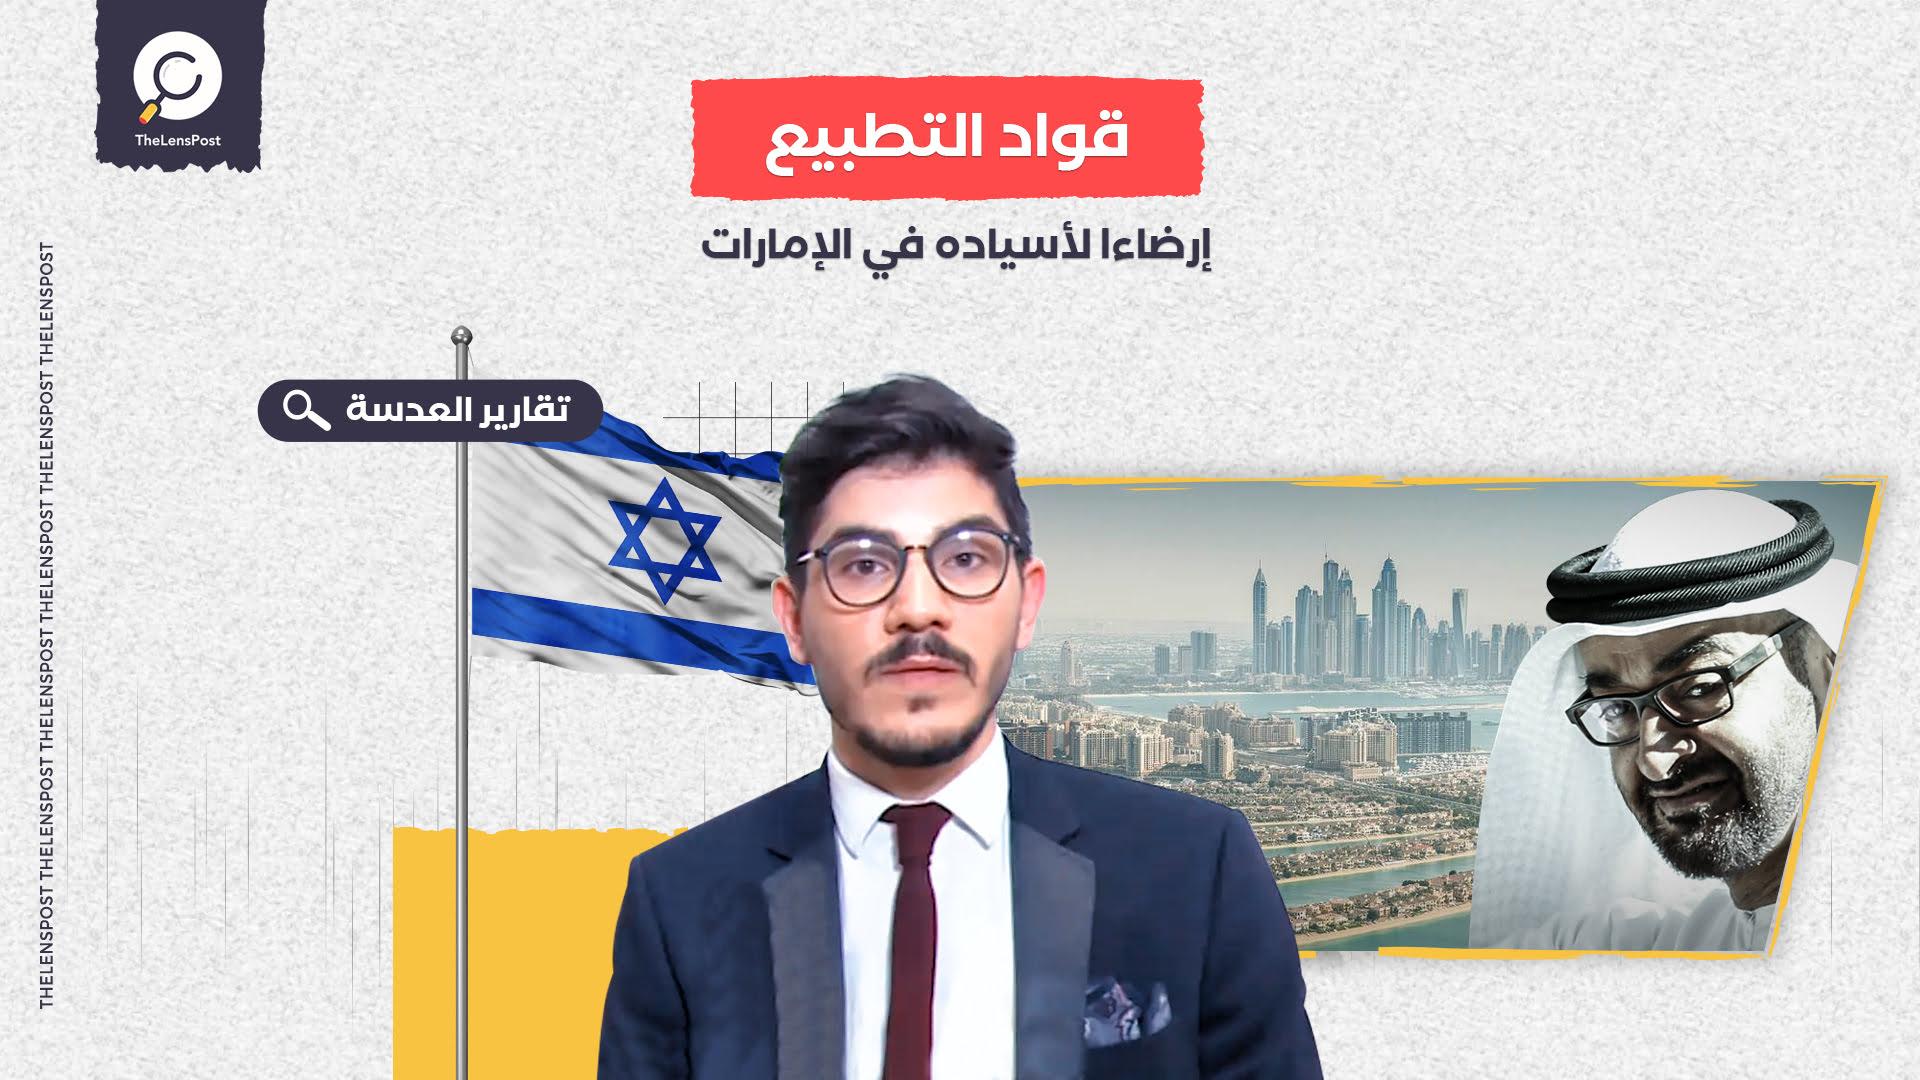 أمجد طه .. بوق بحريني عفن يهوى لعق أحذية الصهاينة إرضاءا لأسياده في الإمارات